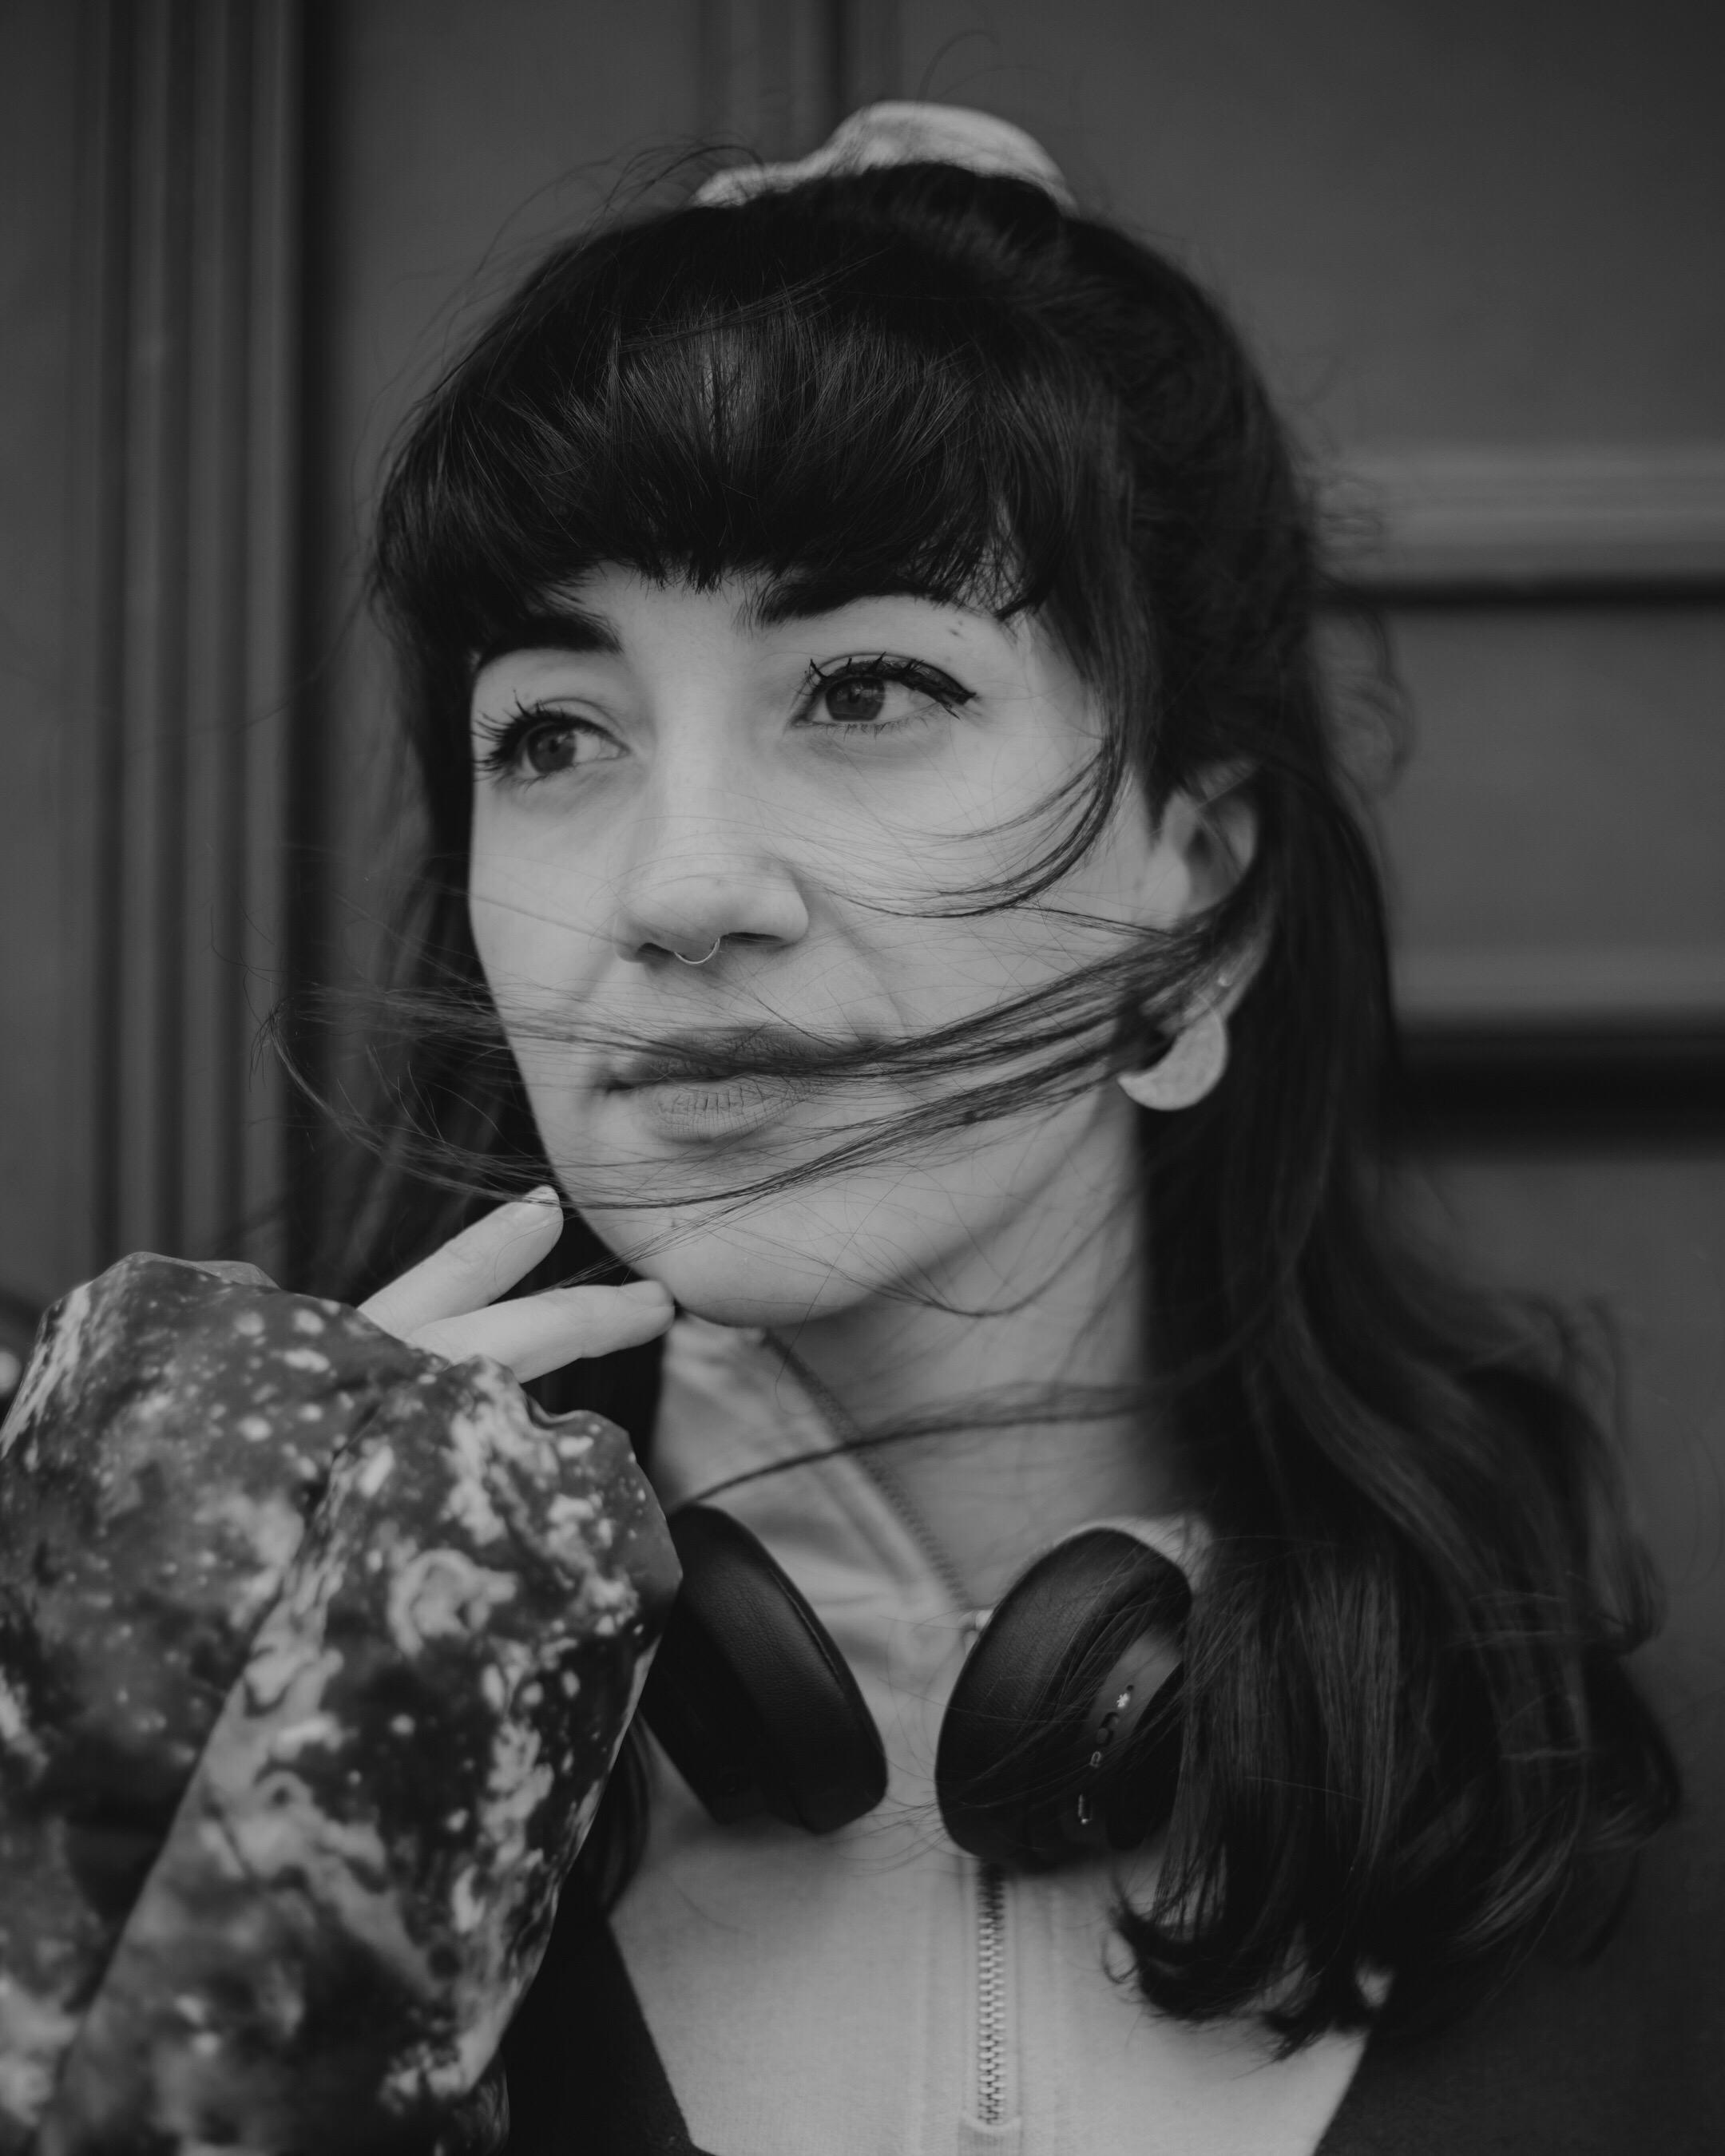 """Lucija Jakelić: """"Želim aktivno promicati prave vrijednosti i vrijeme u kojem si dopuštaš da to osjetiš kao osoba od krvi i mesa, a ne šminke i plastike."""""""